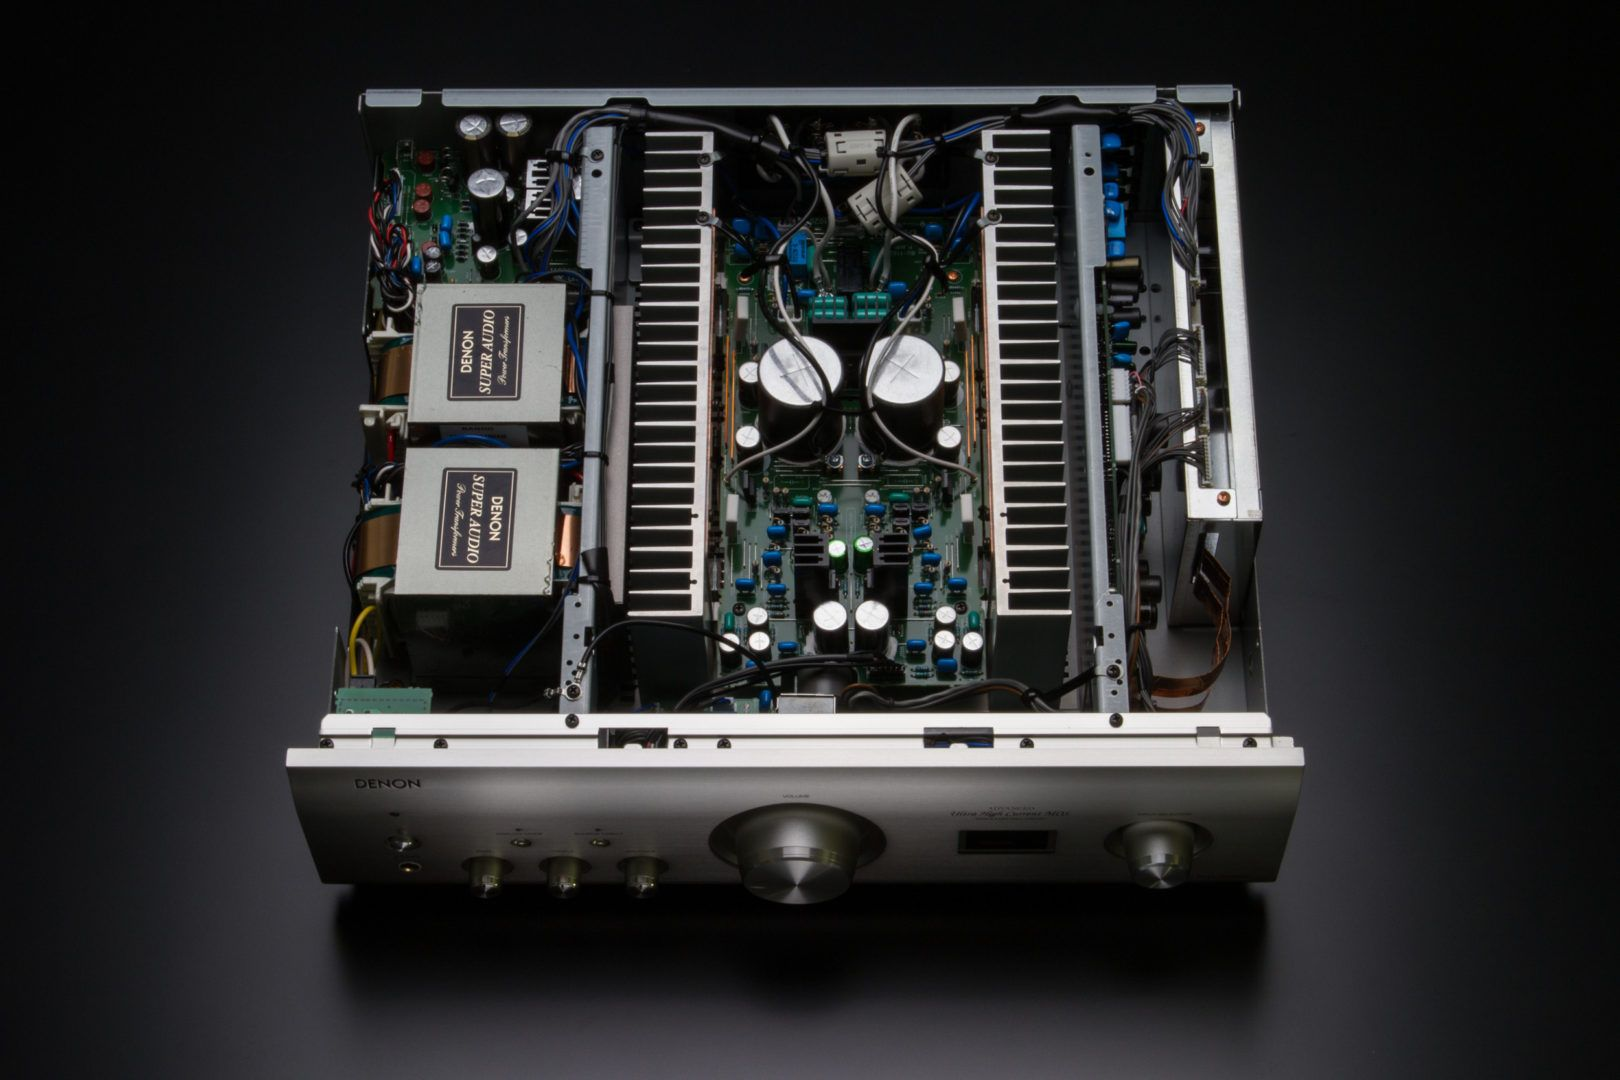 Denon PMA 1600NE compressor - DENON PMA-1600NEレビュー NEシリーズの中堅プリメインアンプ【10万円台】